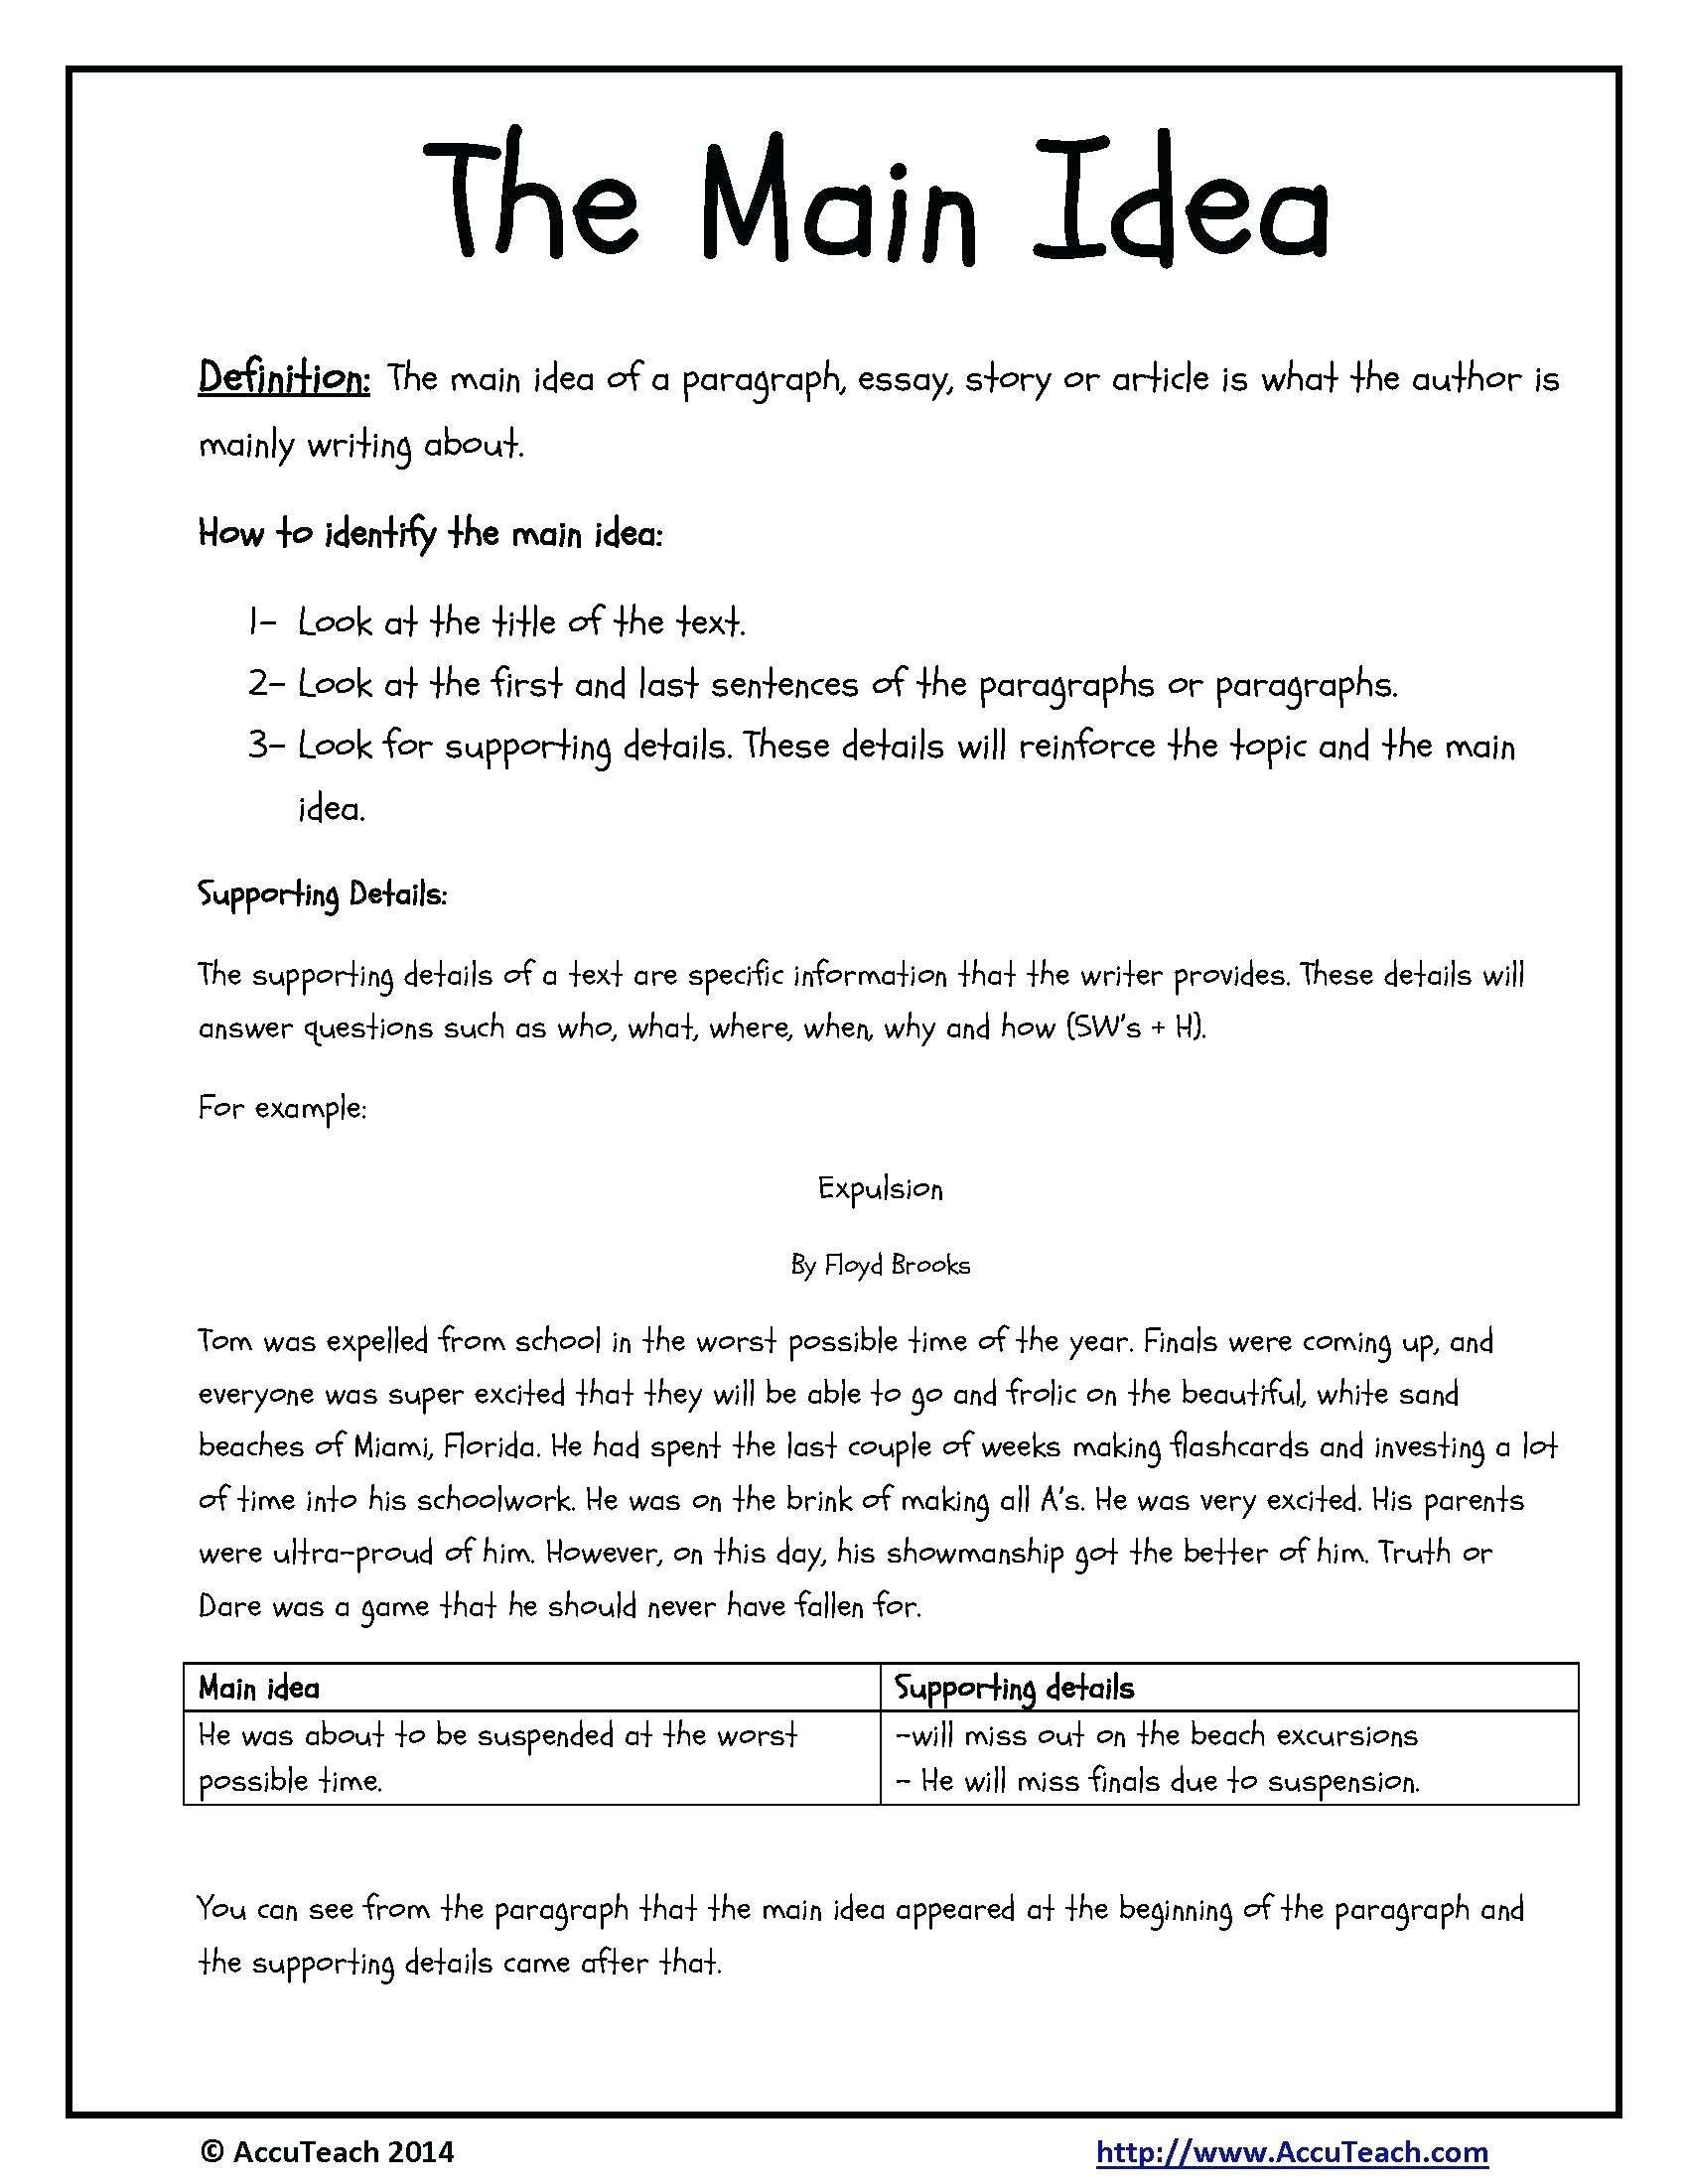 10 Unique Third Grade Main Idea Worksheets kindergarten worksheet multiple choice main idea worksheets free 3 2021